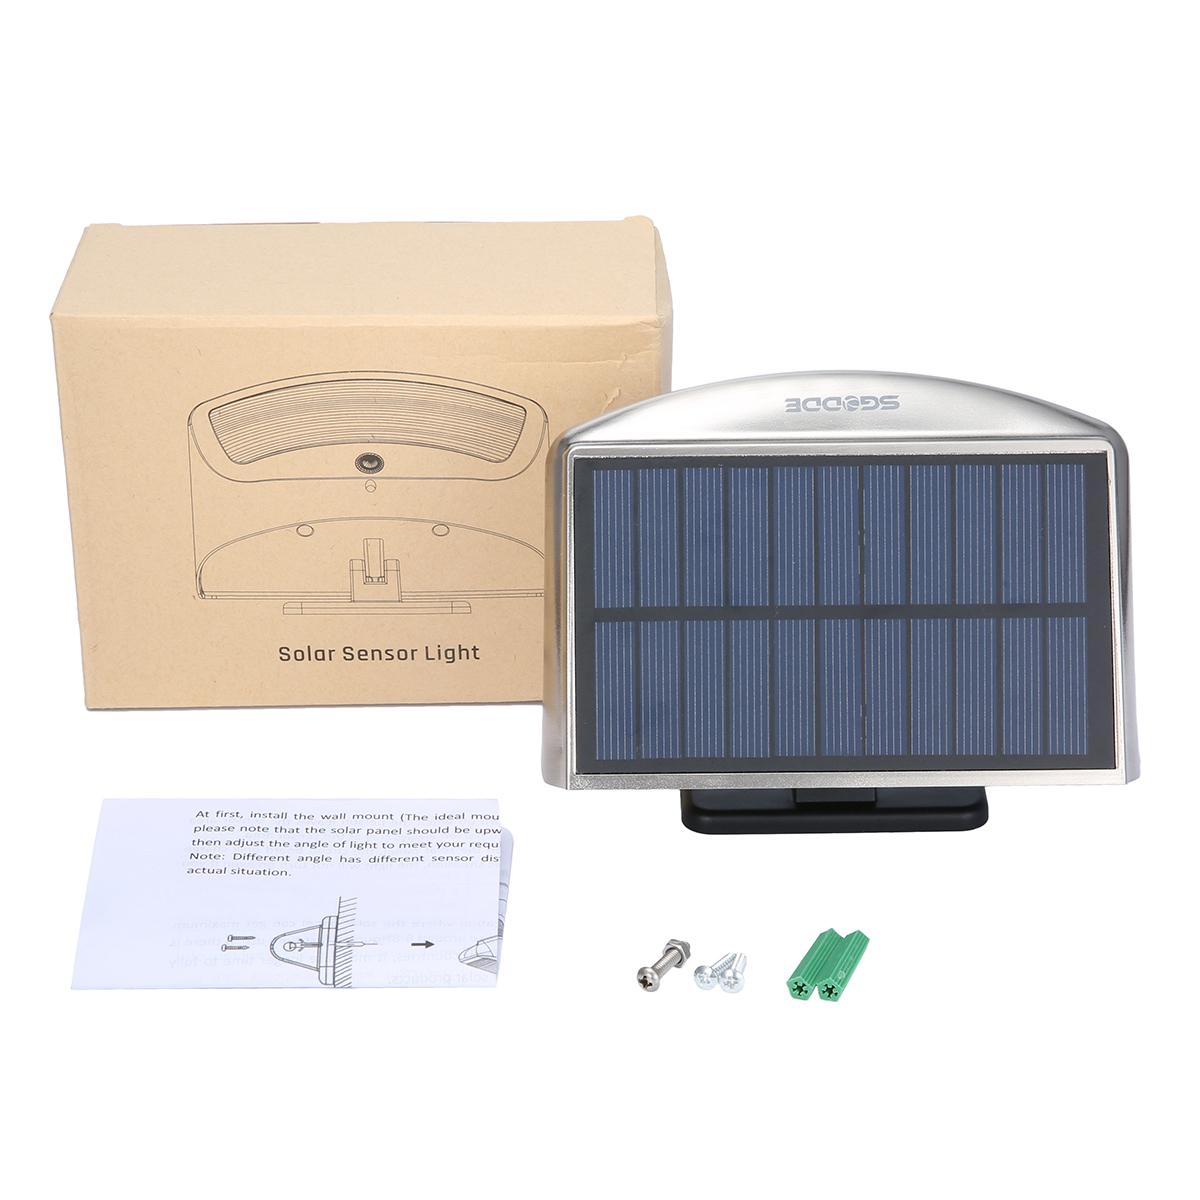 Solar lights outdoor motion sensor lights sgodde 36 led waterproof sgodde 36 led solar security light package mozeypictures Gallery